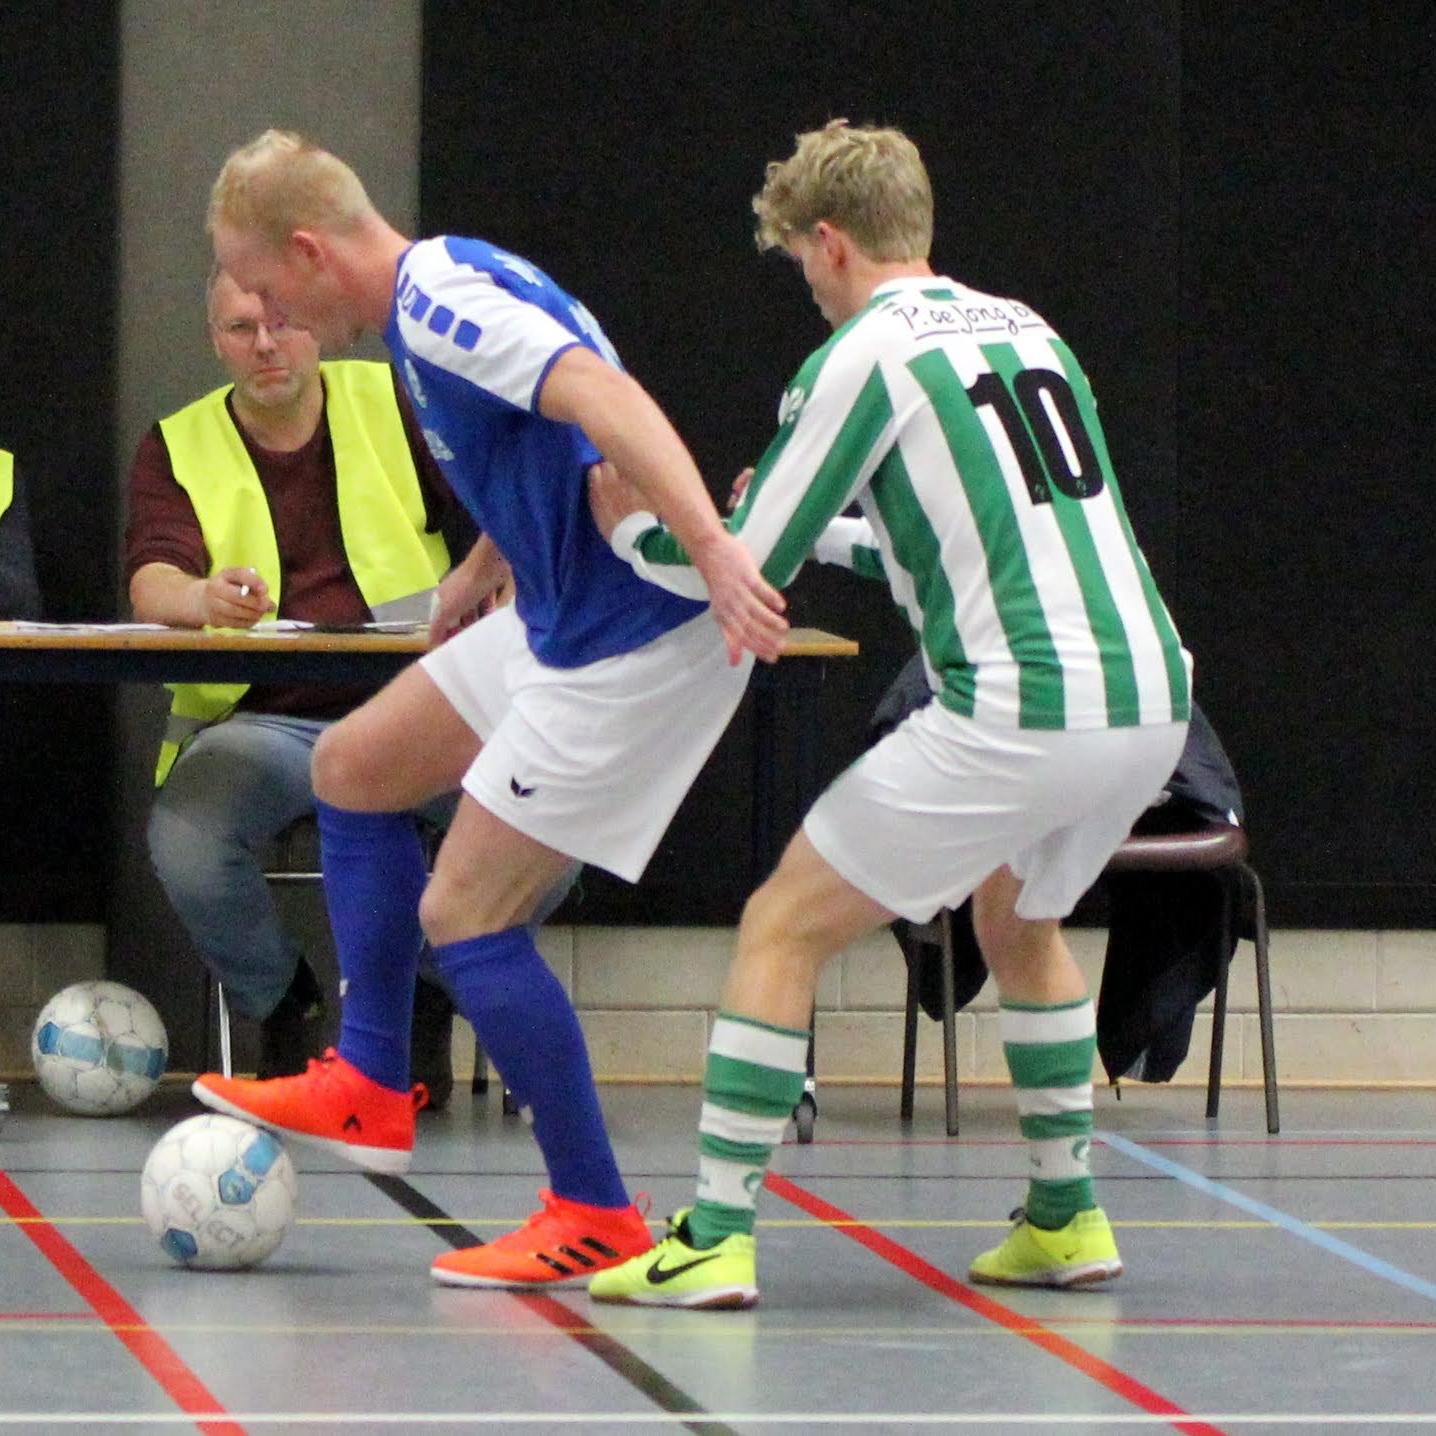 Voetbal: #zaalvoetbal is begonnen